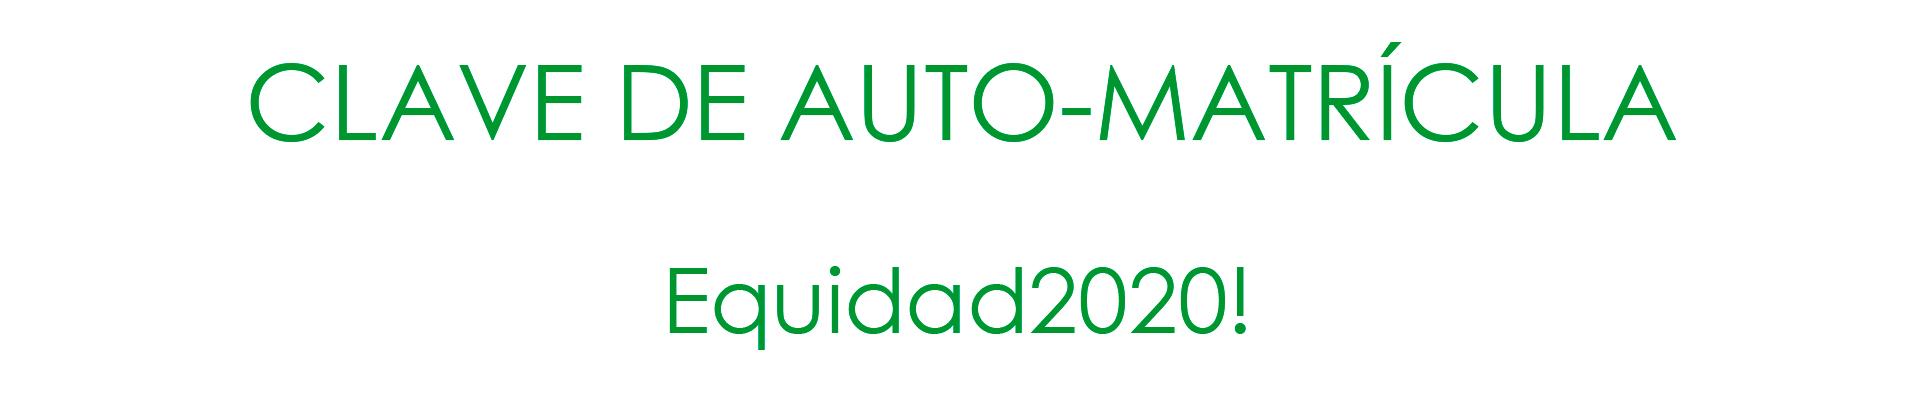 Clave Equidad2020!